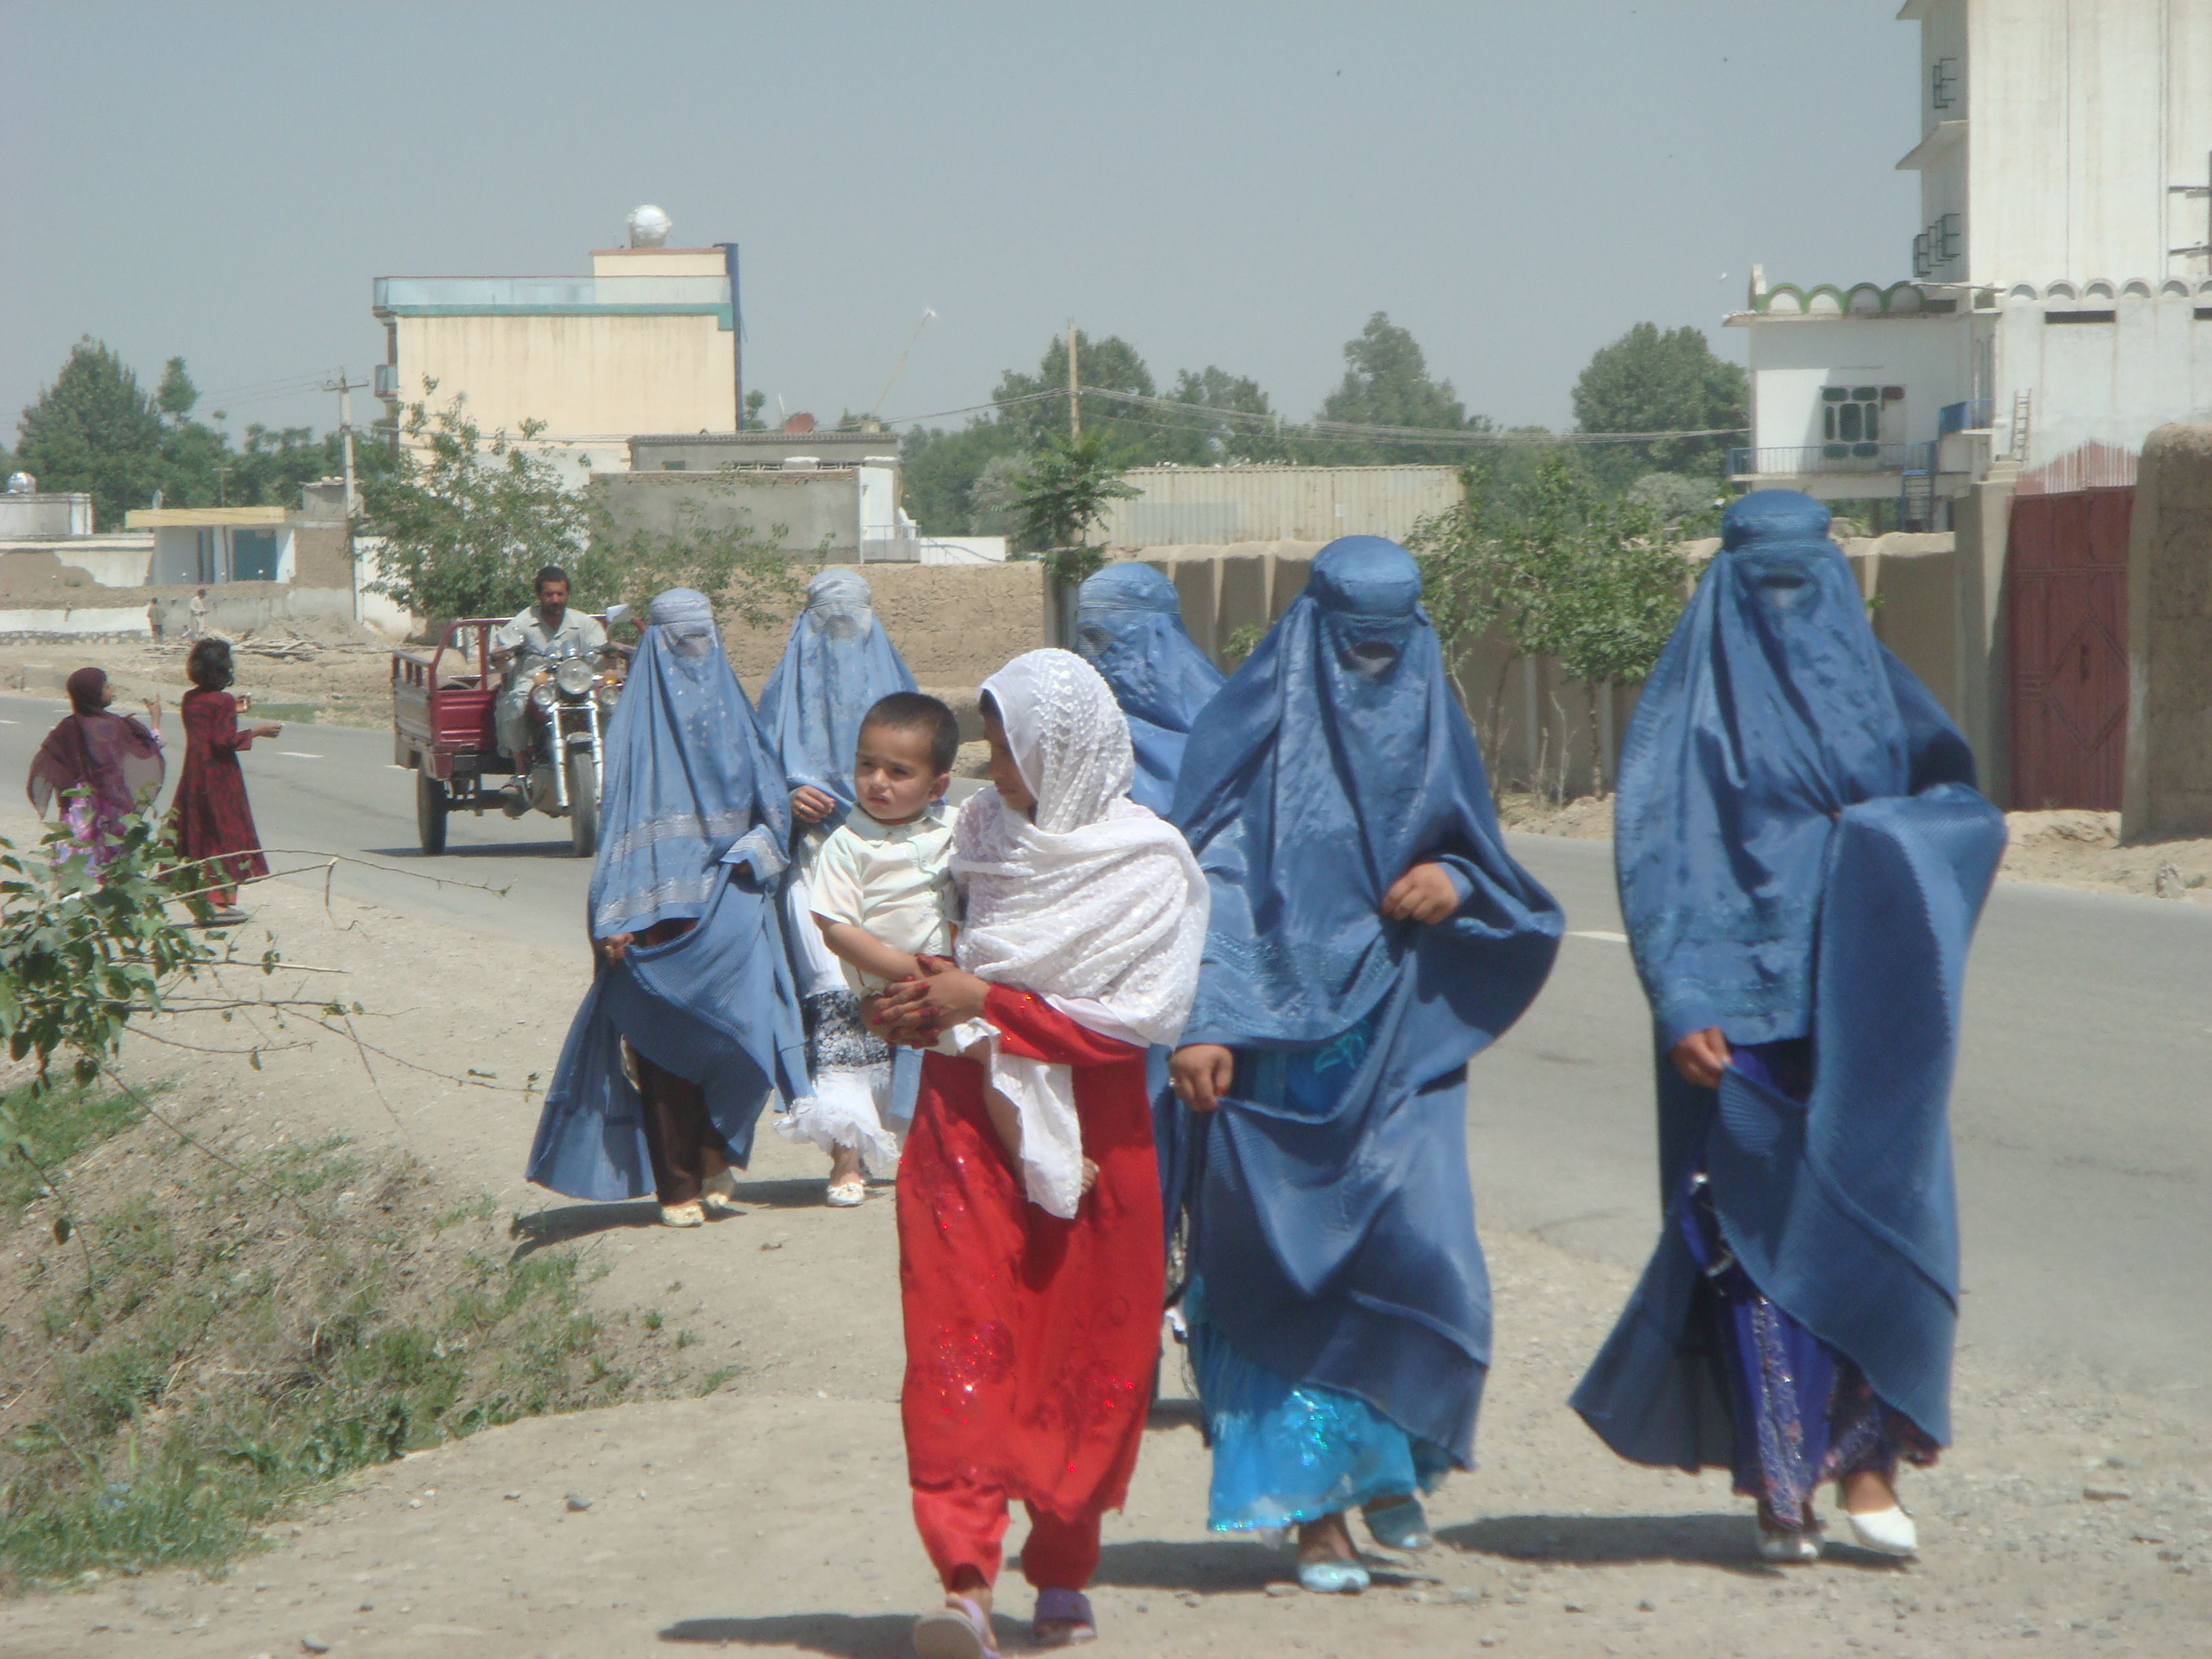 афганистан кундуз фотография морской завод